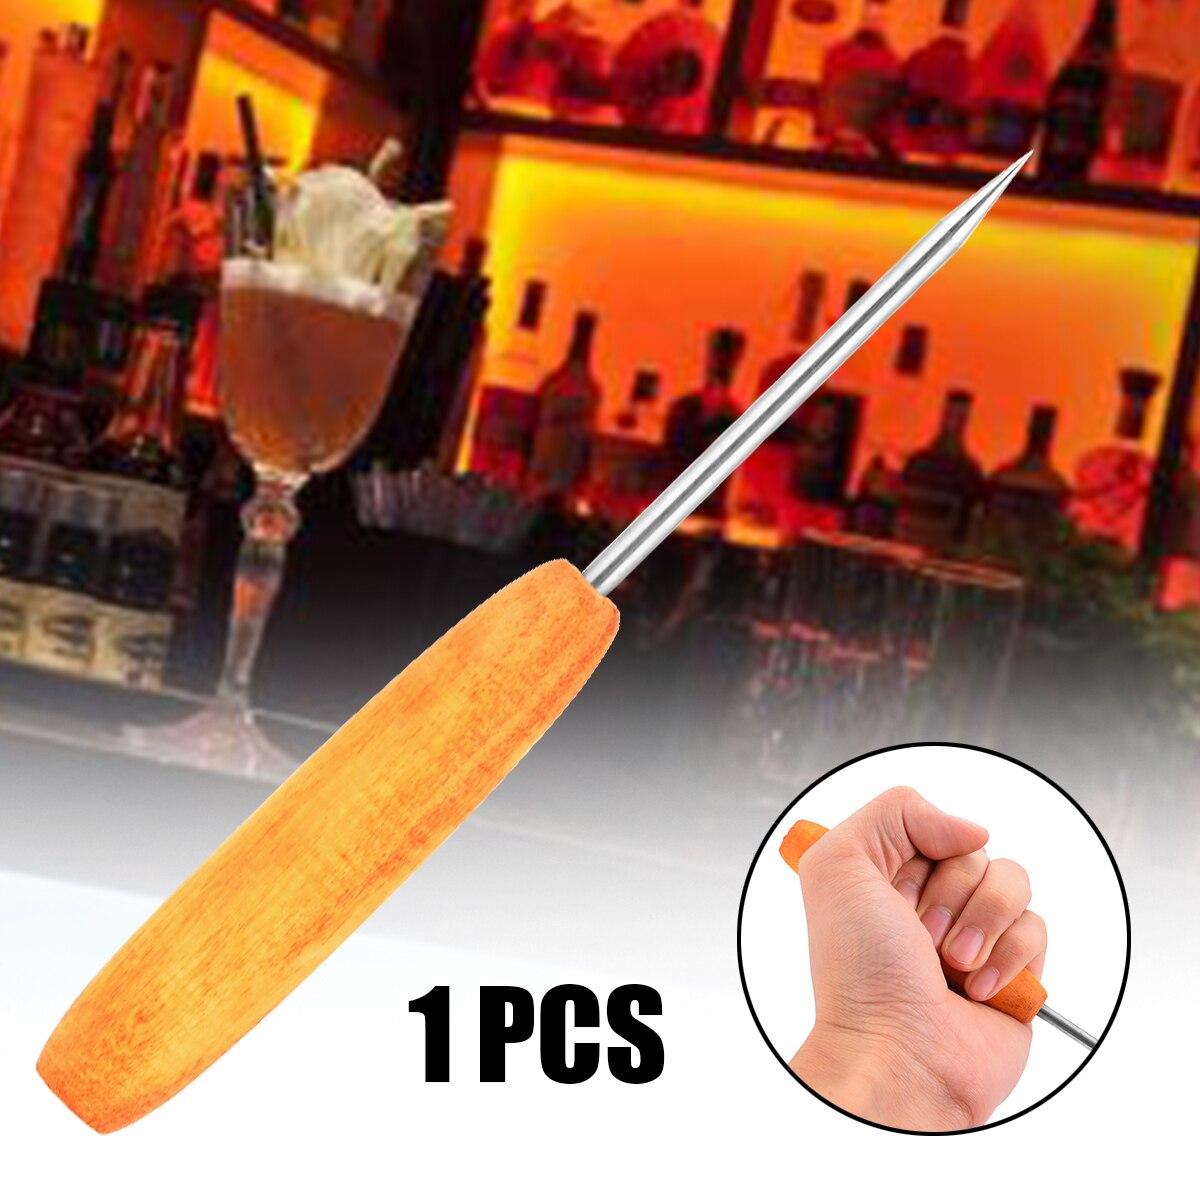 1 Stks Rvs Ice Pick Met Houten Handvat Cocktail Ijs Crusher Metalen Pick Bar Beitel Huishouden Keuken Bar Gereedschap Nourishing The Kidneys Relieving Rheumatism